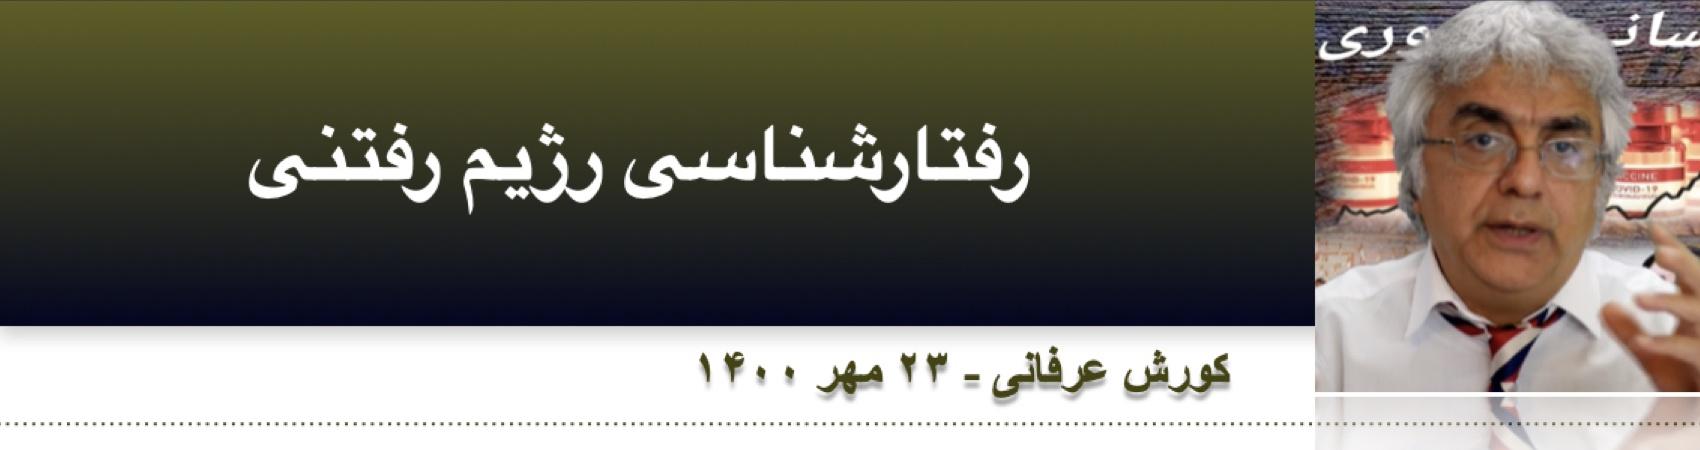 هشداری به ایرانیان برای ثبت در تاریخ 